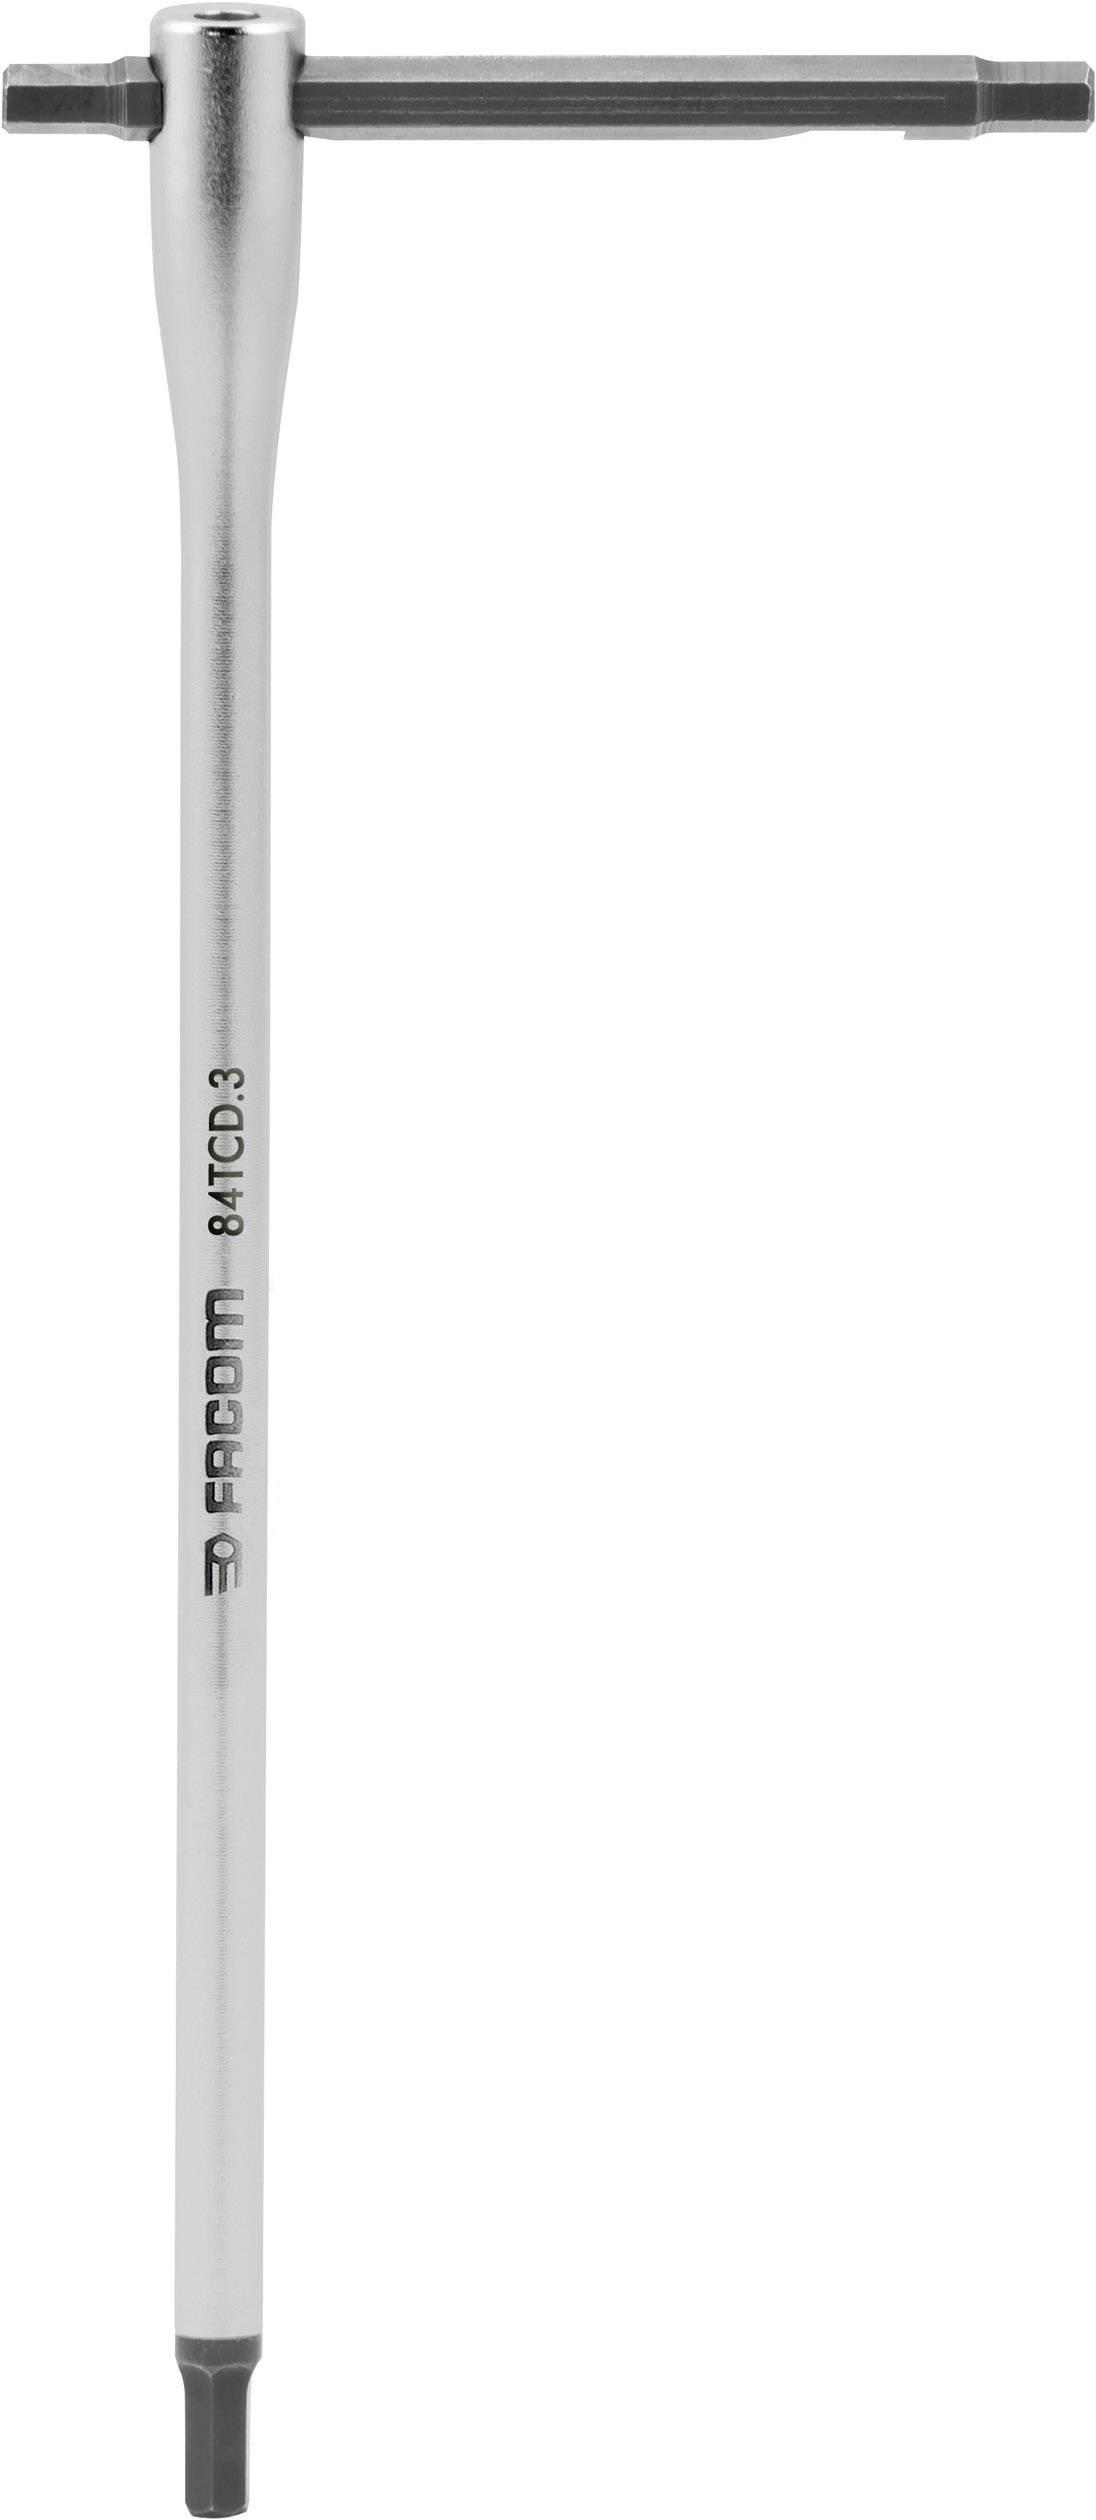 Imbusový kľúč s flexibilnou T rukoväťou Facom 84TCD.3, 3 mm